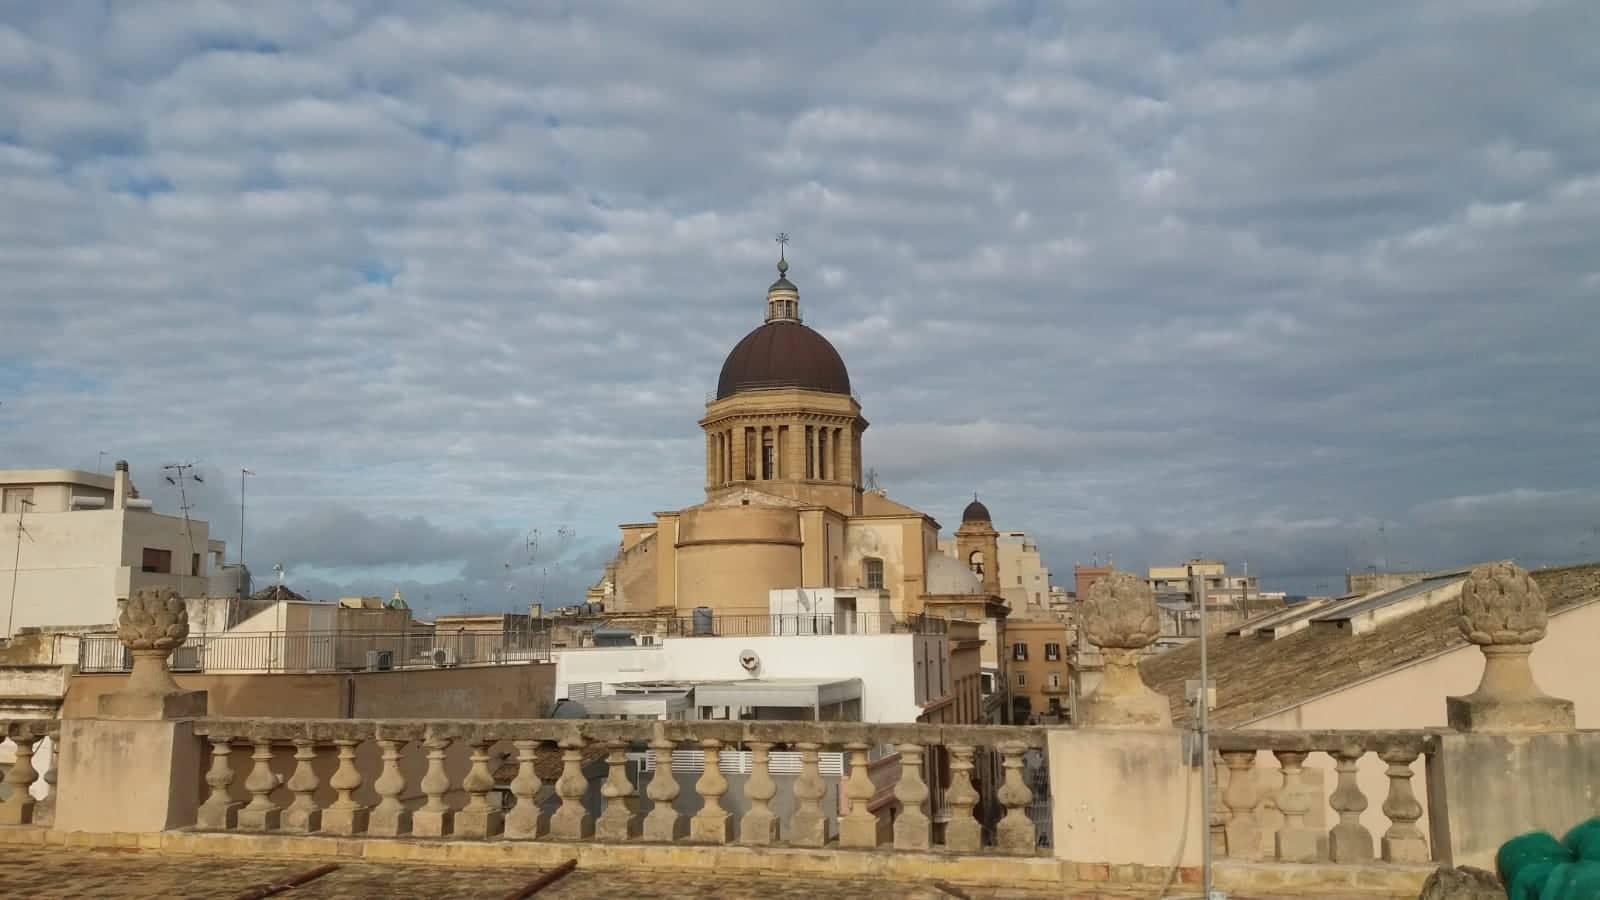 Marsala Destinazione Turistica, si lavora ad un programma. Incontro pubblico il 2 dicembre